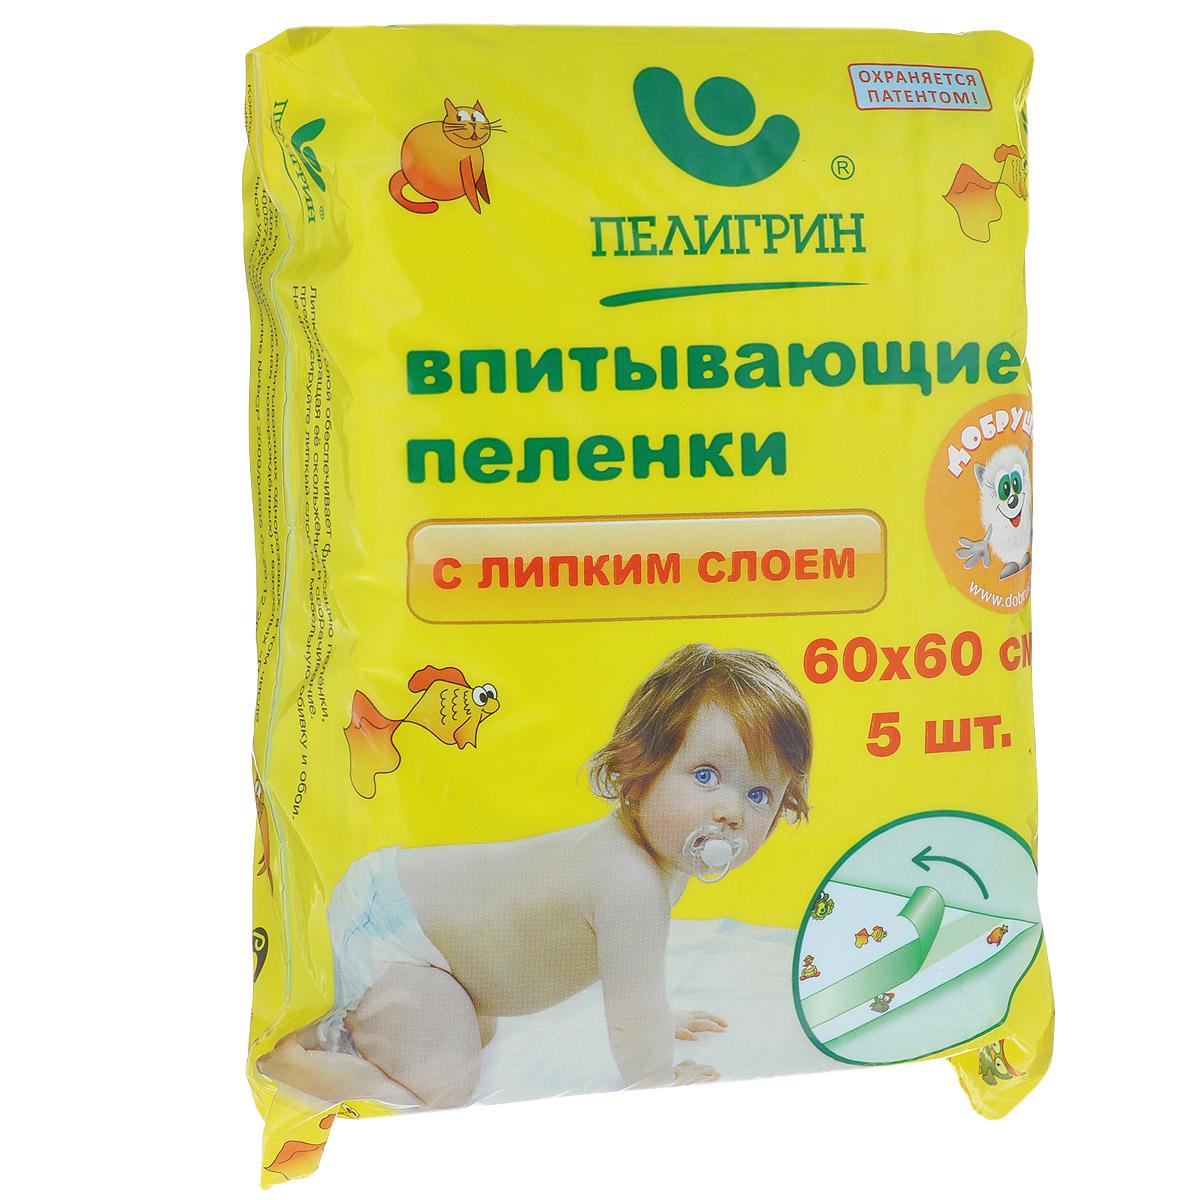 Пелигрин Пеленки впитывающие, с липким фиксирующим слоем, 60 см х 60 см, 5 штЛ60 АкцияВпитывающие пеленки Пелигрин - удобное средство для ухода за детьми, включая новорожденных. Эти акционные пеленки отличаются от стандартных тем, что они без рисунка на внешней стороне. Используются как надежная защита кроваток, колясок и пеленальных столиков, а также они понадобятся на приеме у врача, во время игр малыша в манеже и при принятии воздушных ванн. Нетканый материал, пропуская влагу, всегда оставляет поверхность сухой; впитывающий слой надежно удерживает влагу и запах; полиэтиленовое основание исключает протекание жидкости. Пеленки надежно фиксируются на любой поверхности благодаря липкому слою. С пеленками Пелигрин вашему ребенку будет комфортно и на даче, и во время семейного пикника, и в путешествии. Товар сертифицирован.